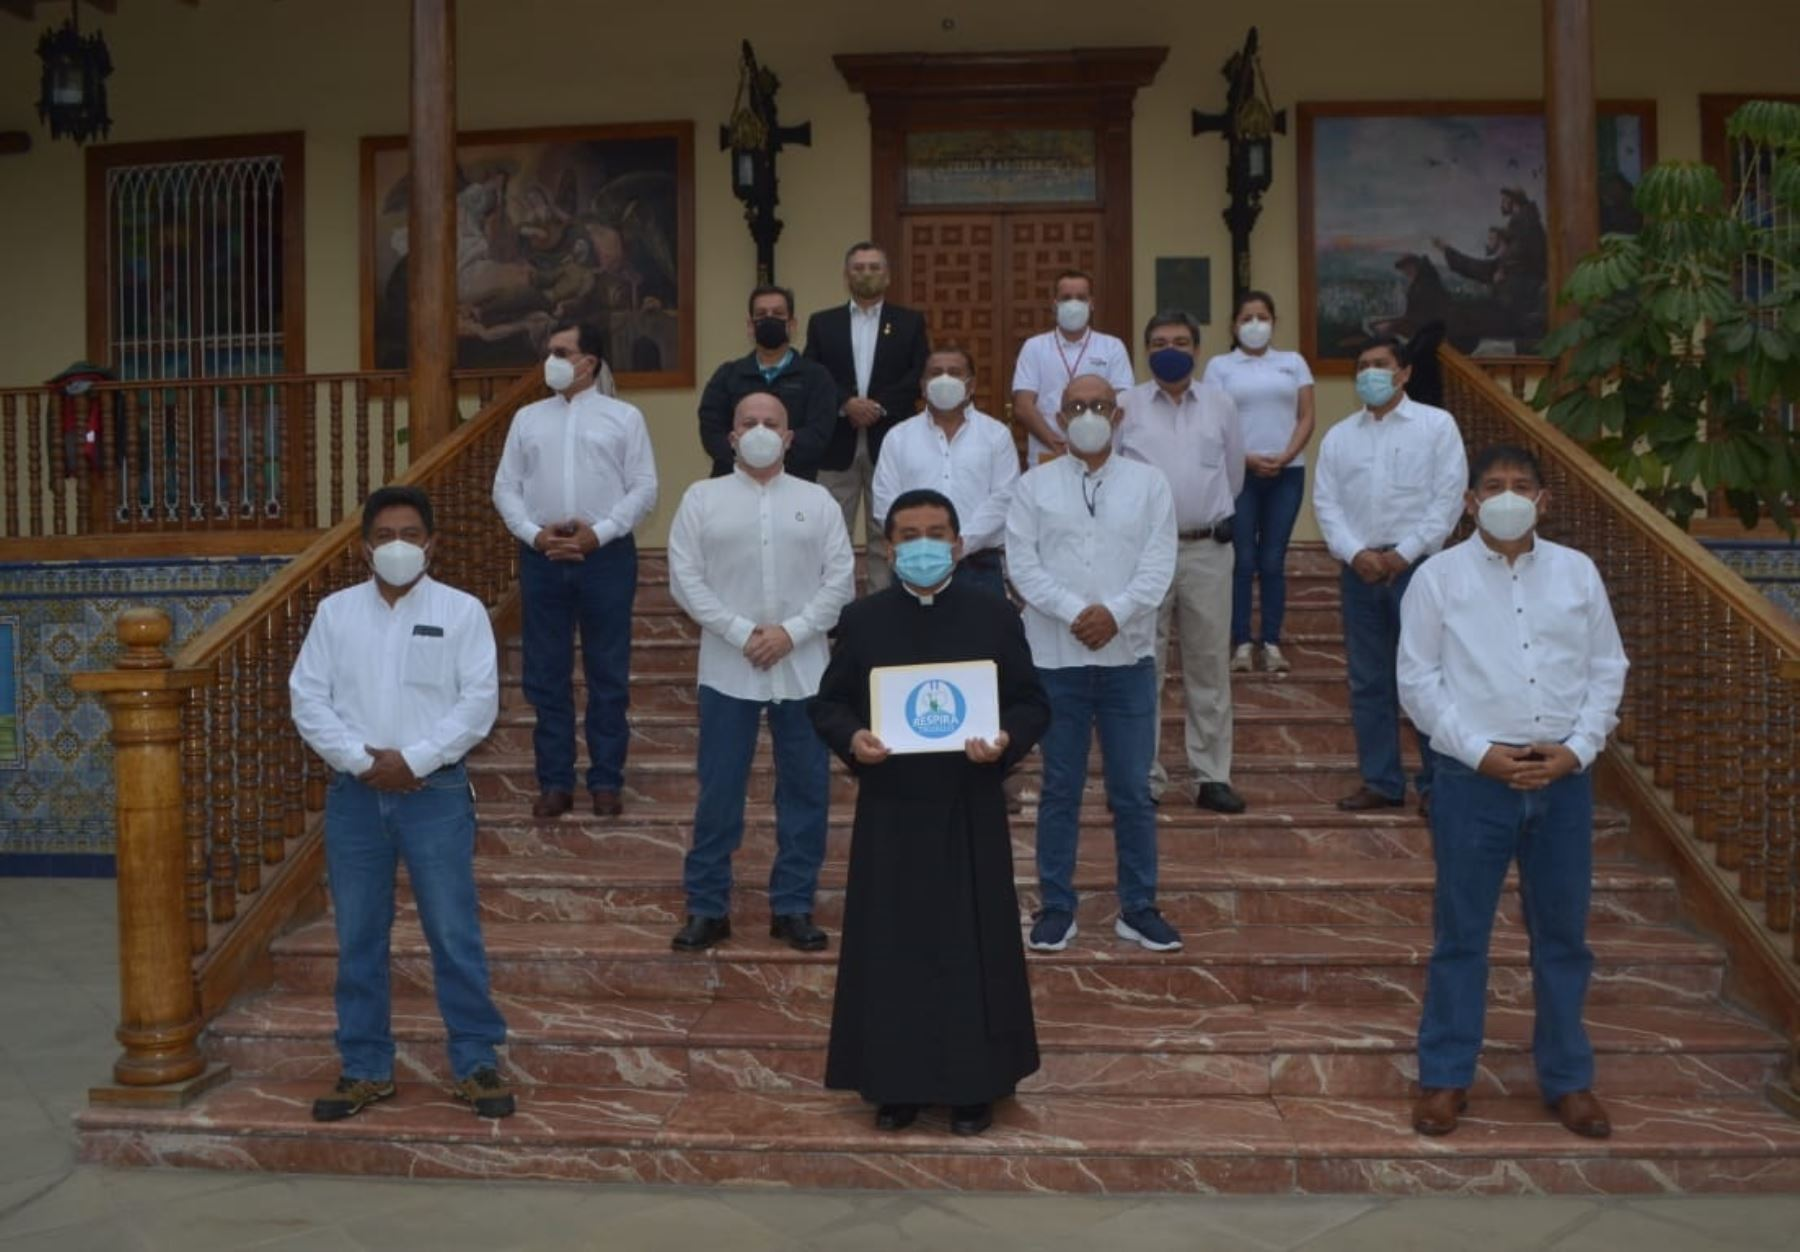 Liberteños se unieron y en campaña Respira Trujillo recolectaron más de S/ 536,000 para adquirir balones y planta de producción de oxígeno medicinal para atender a pacientes covid-19.